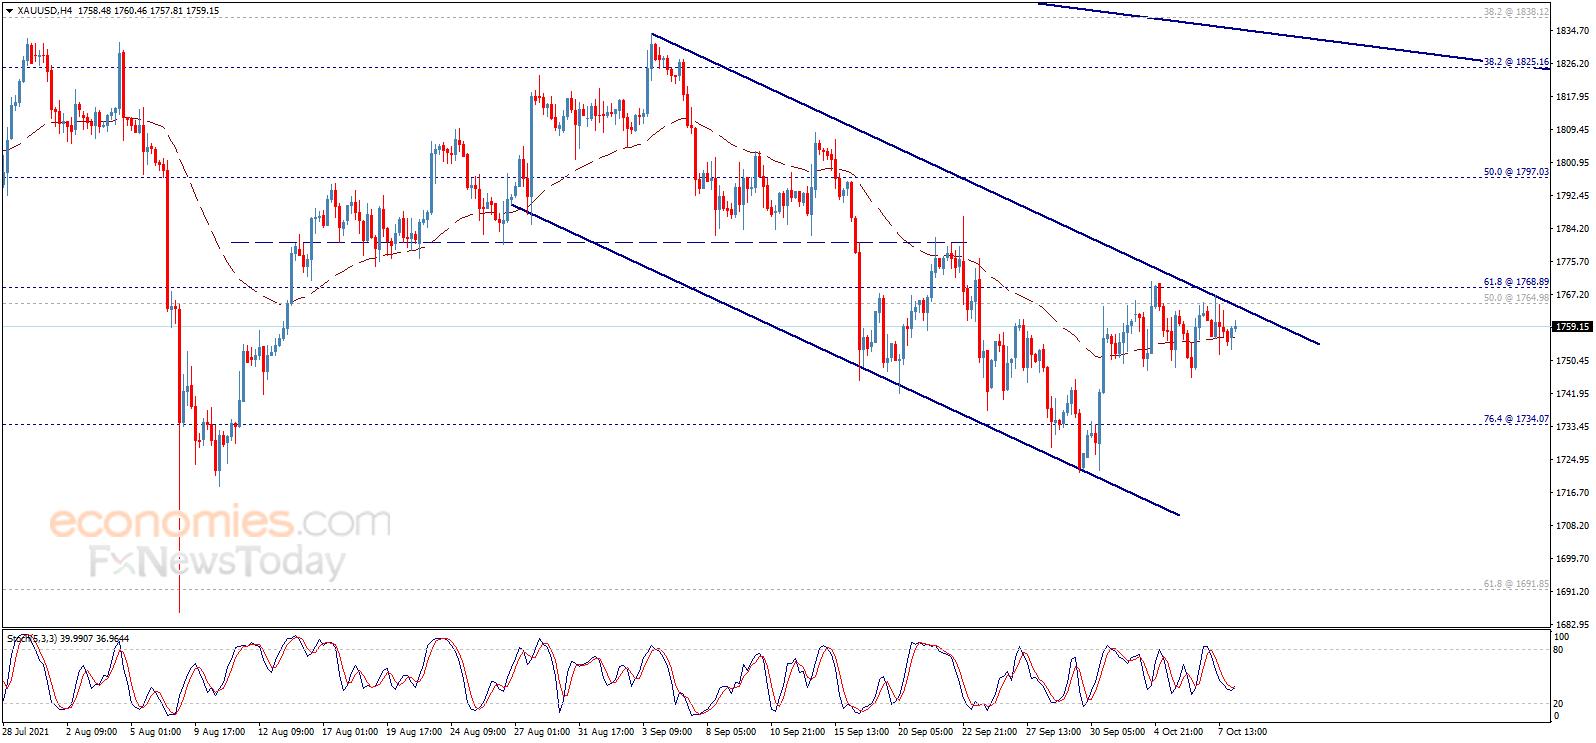 Giá vàng (XAU/USD) hôm nay vừa giảm xuống dưới 1.755